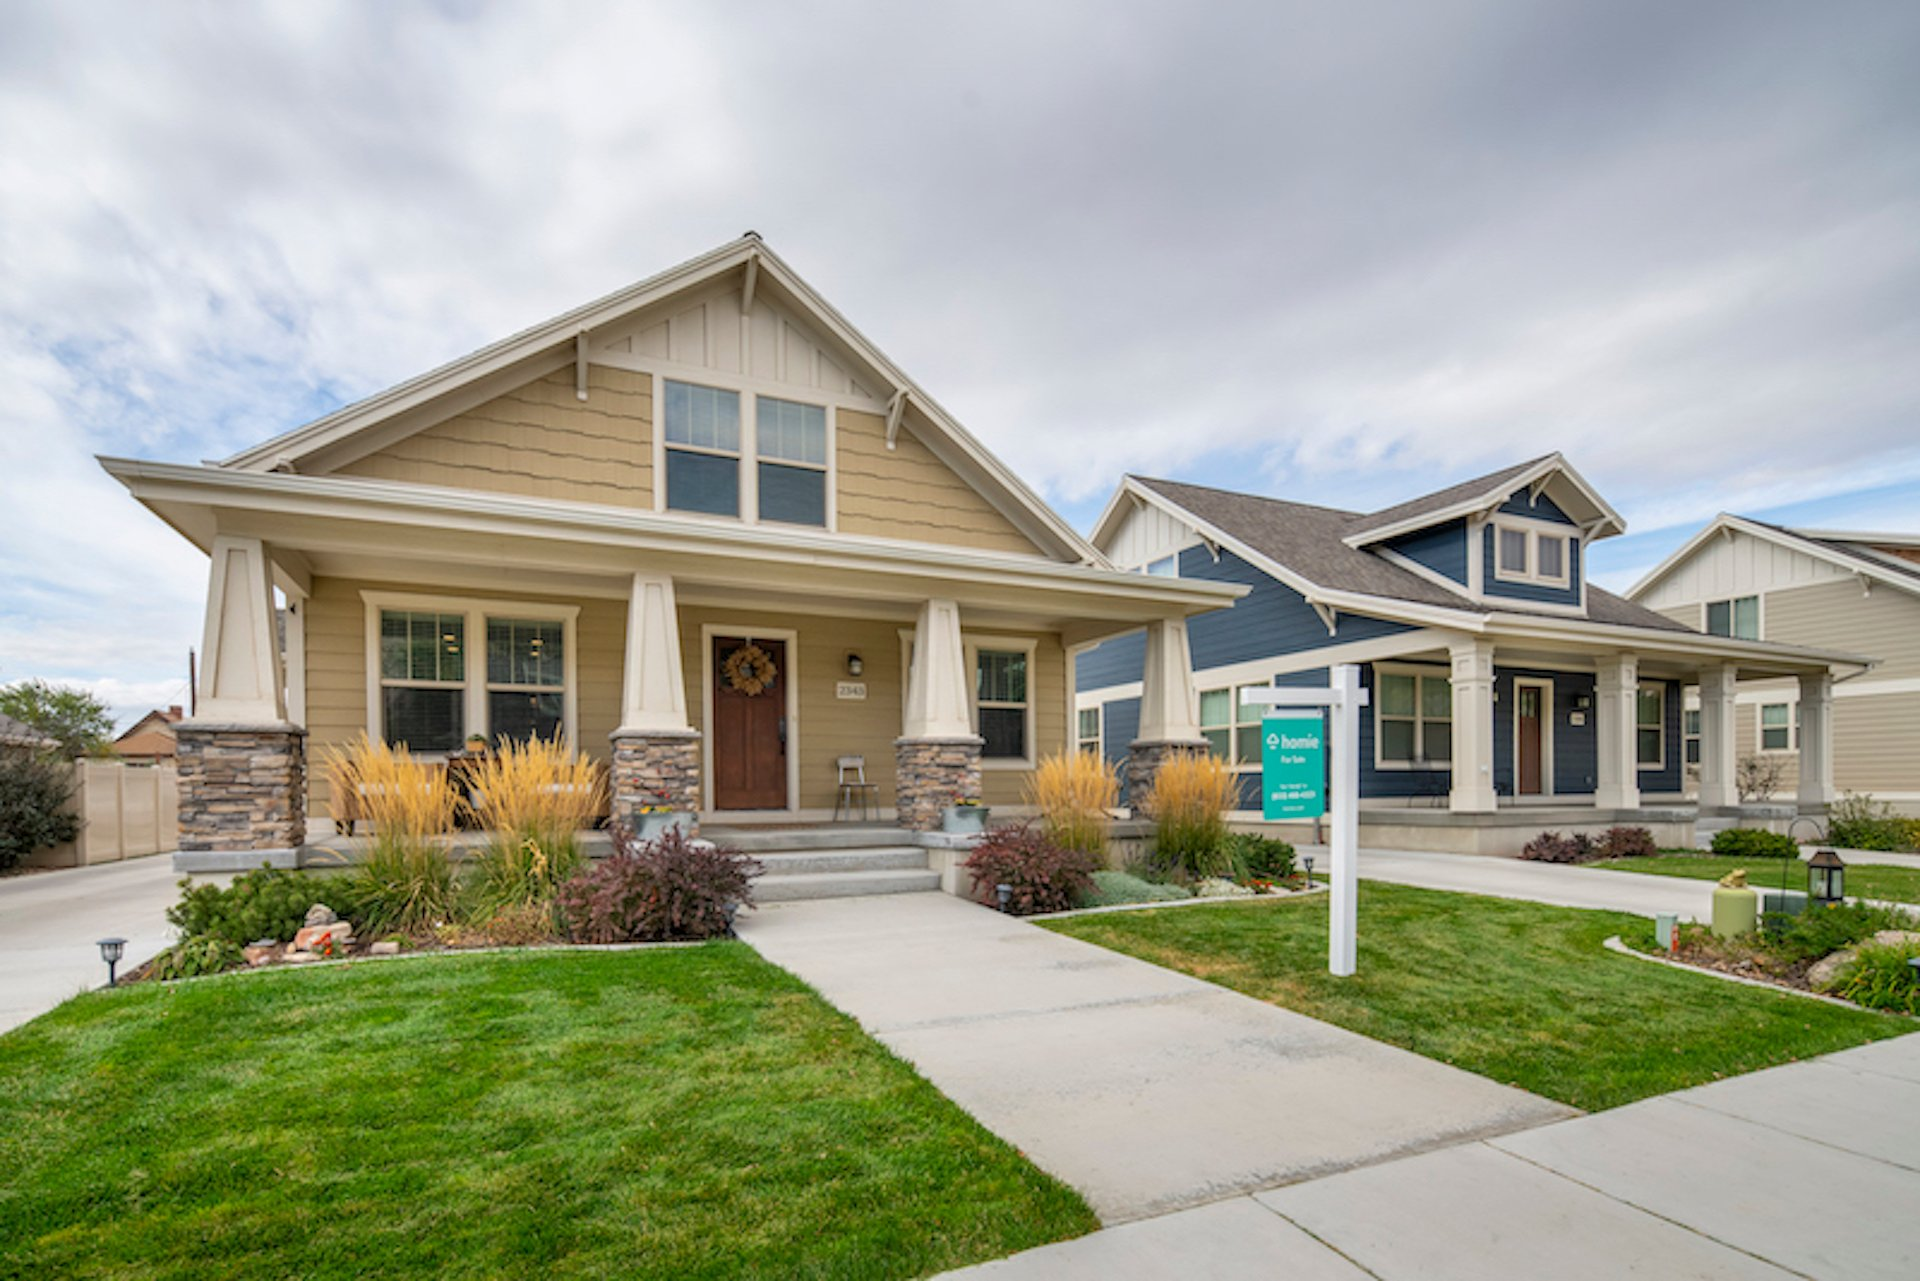 2021 Colorado Real Estate Predictions Coloradobiz Magazine